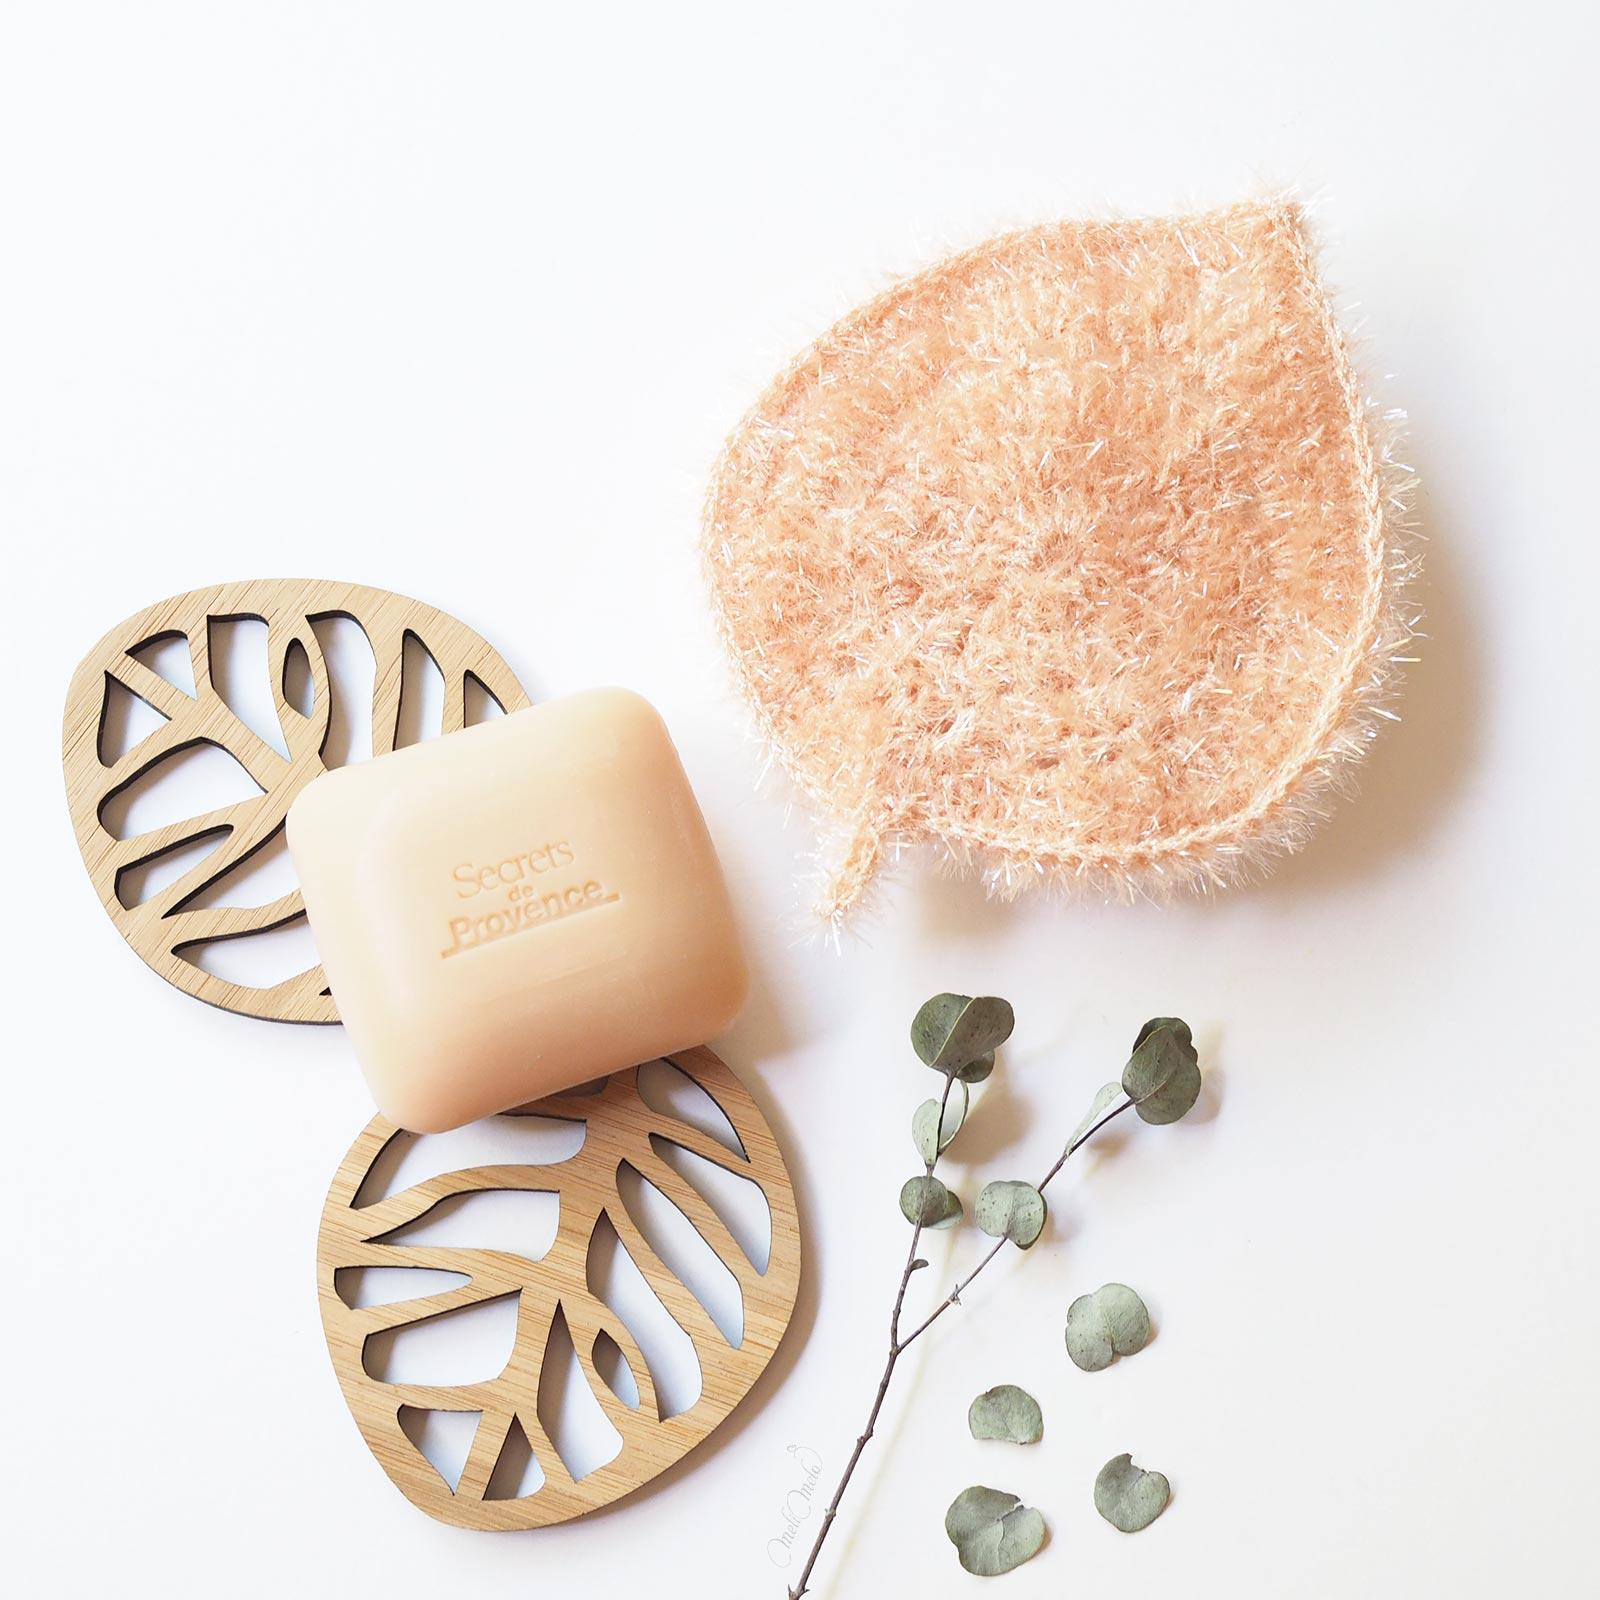 éponge Tawashi Feuille Leaf face poudre vaisselle corps Creative Bubble laboutiquedemelimelo